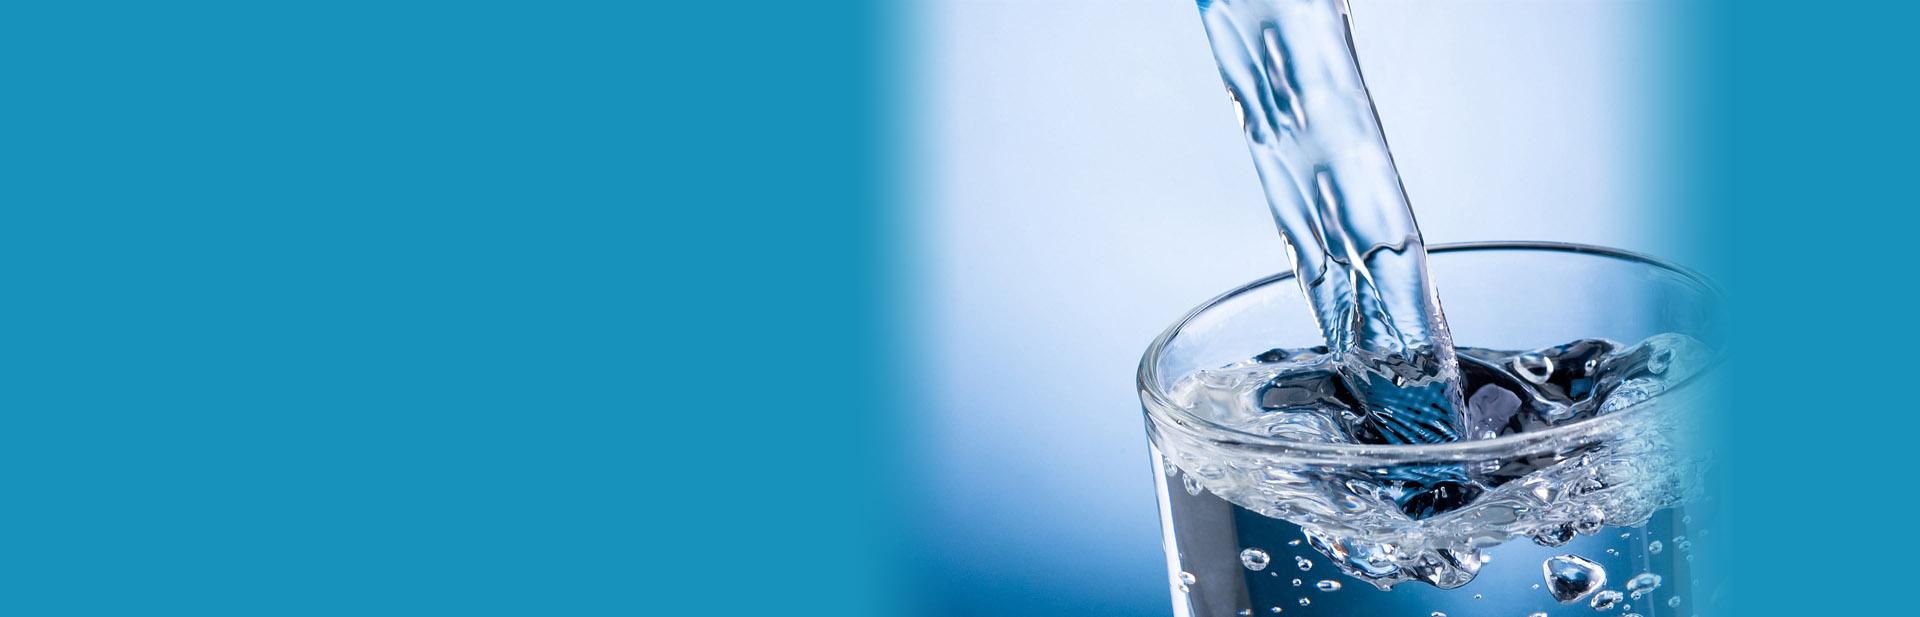 Ремонт водозаборных скважин на воду в Гомеле